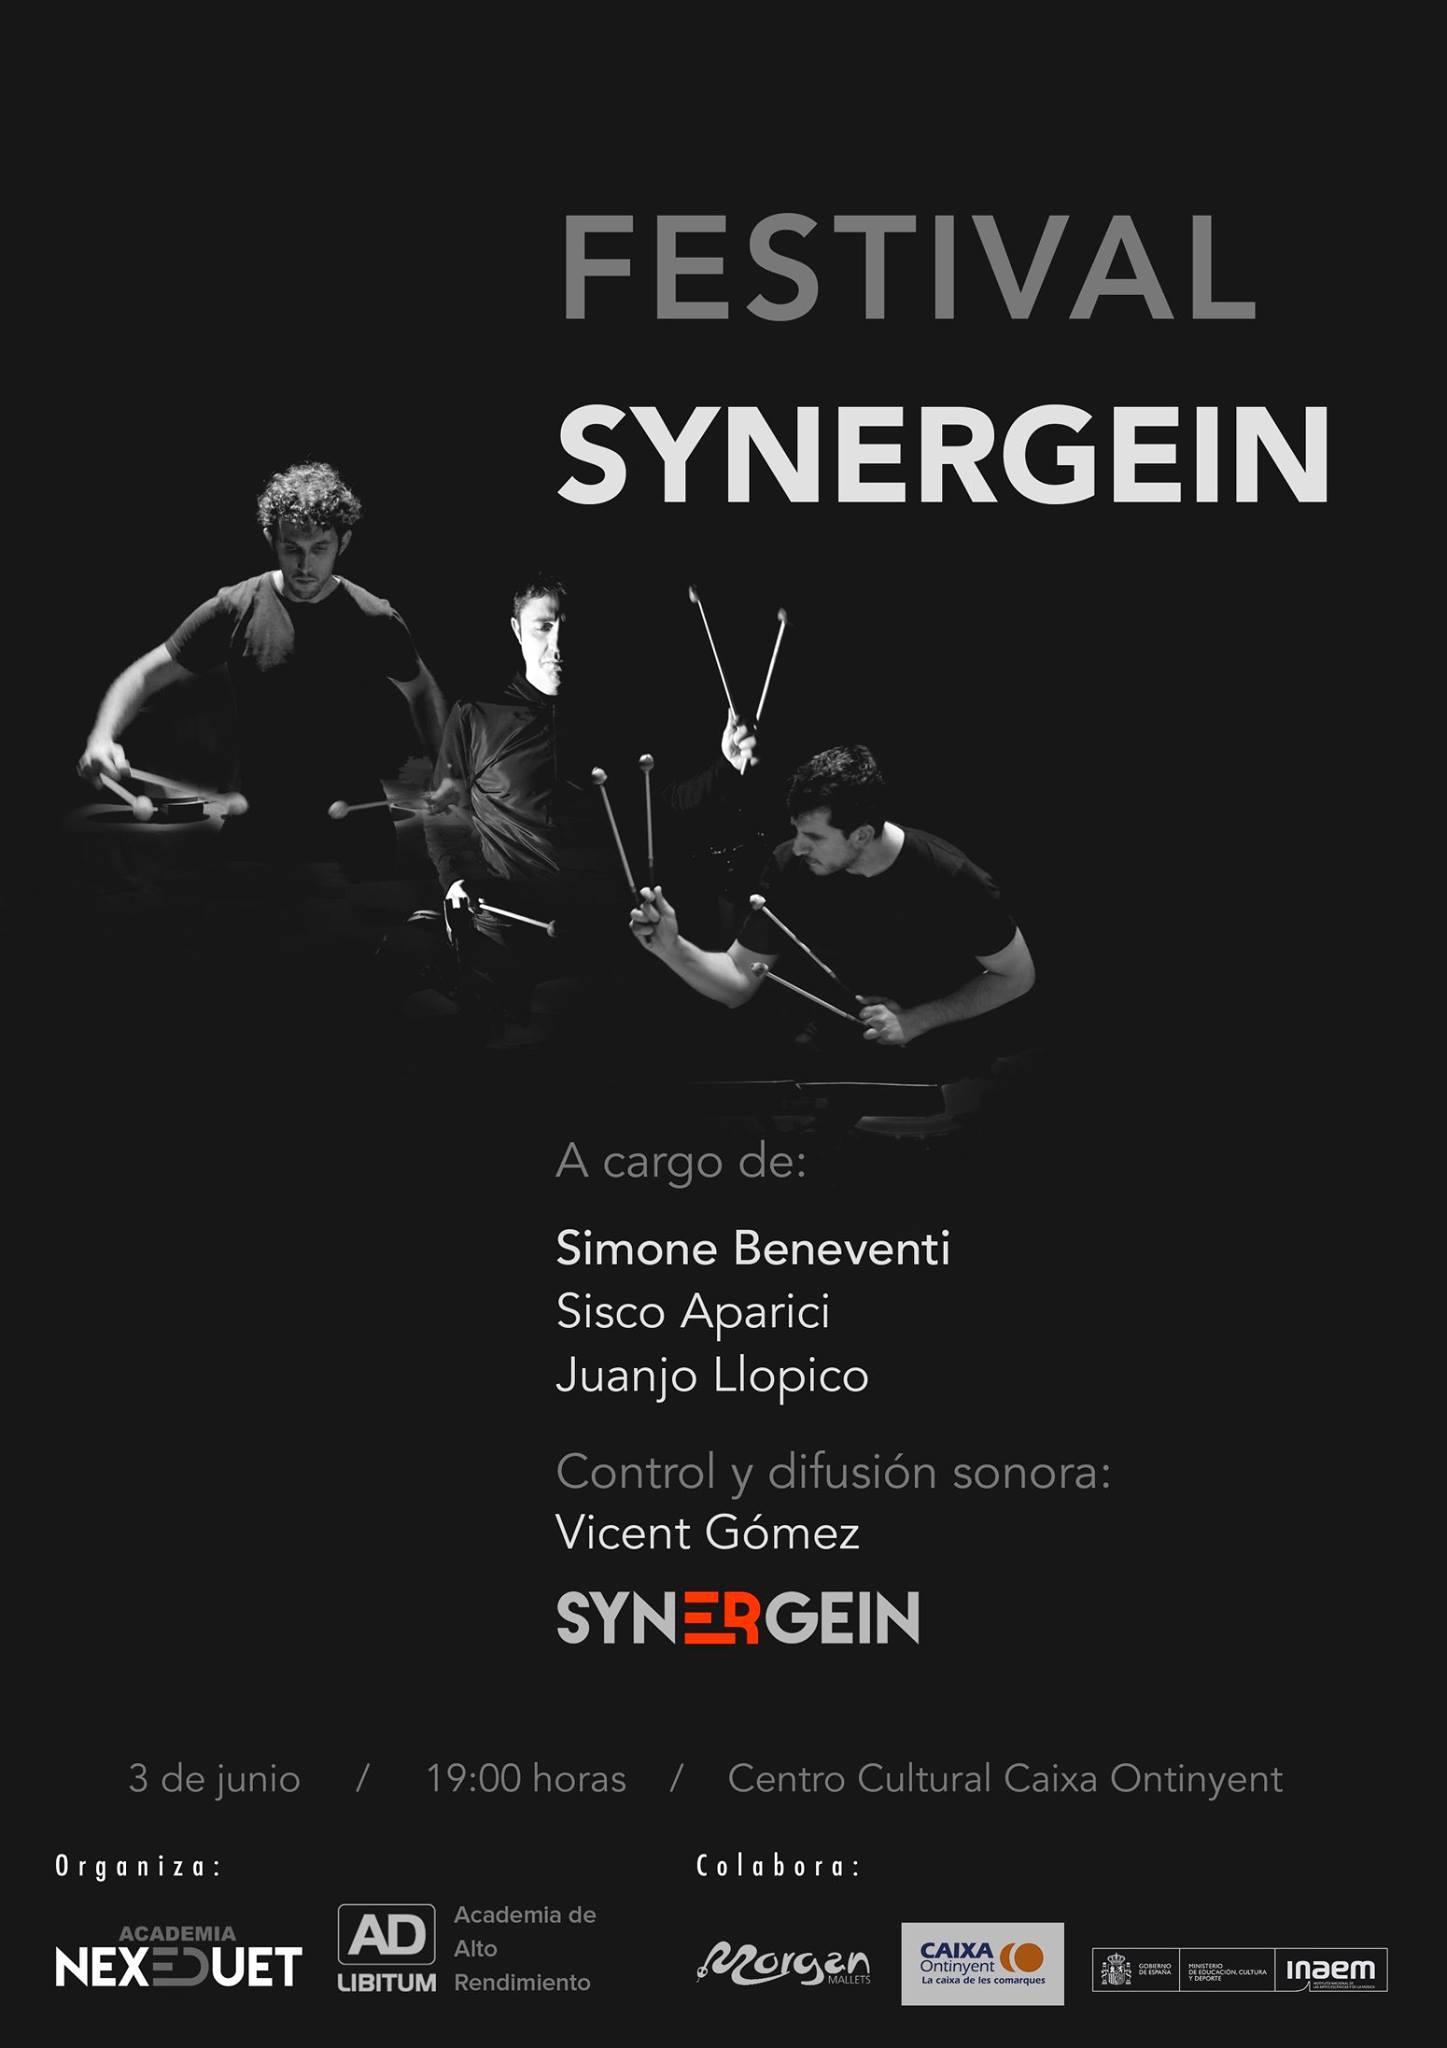 festival synergein_ES_2_6_17